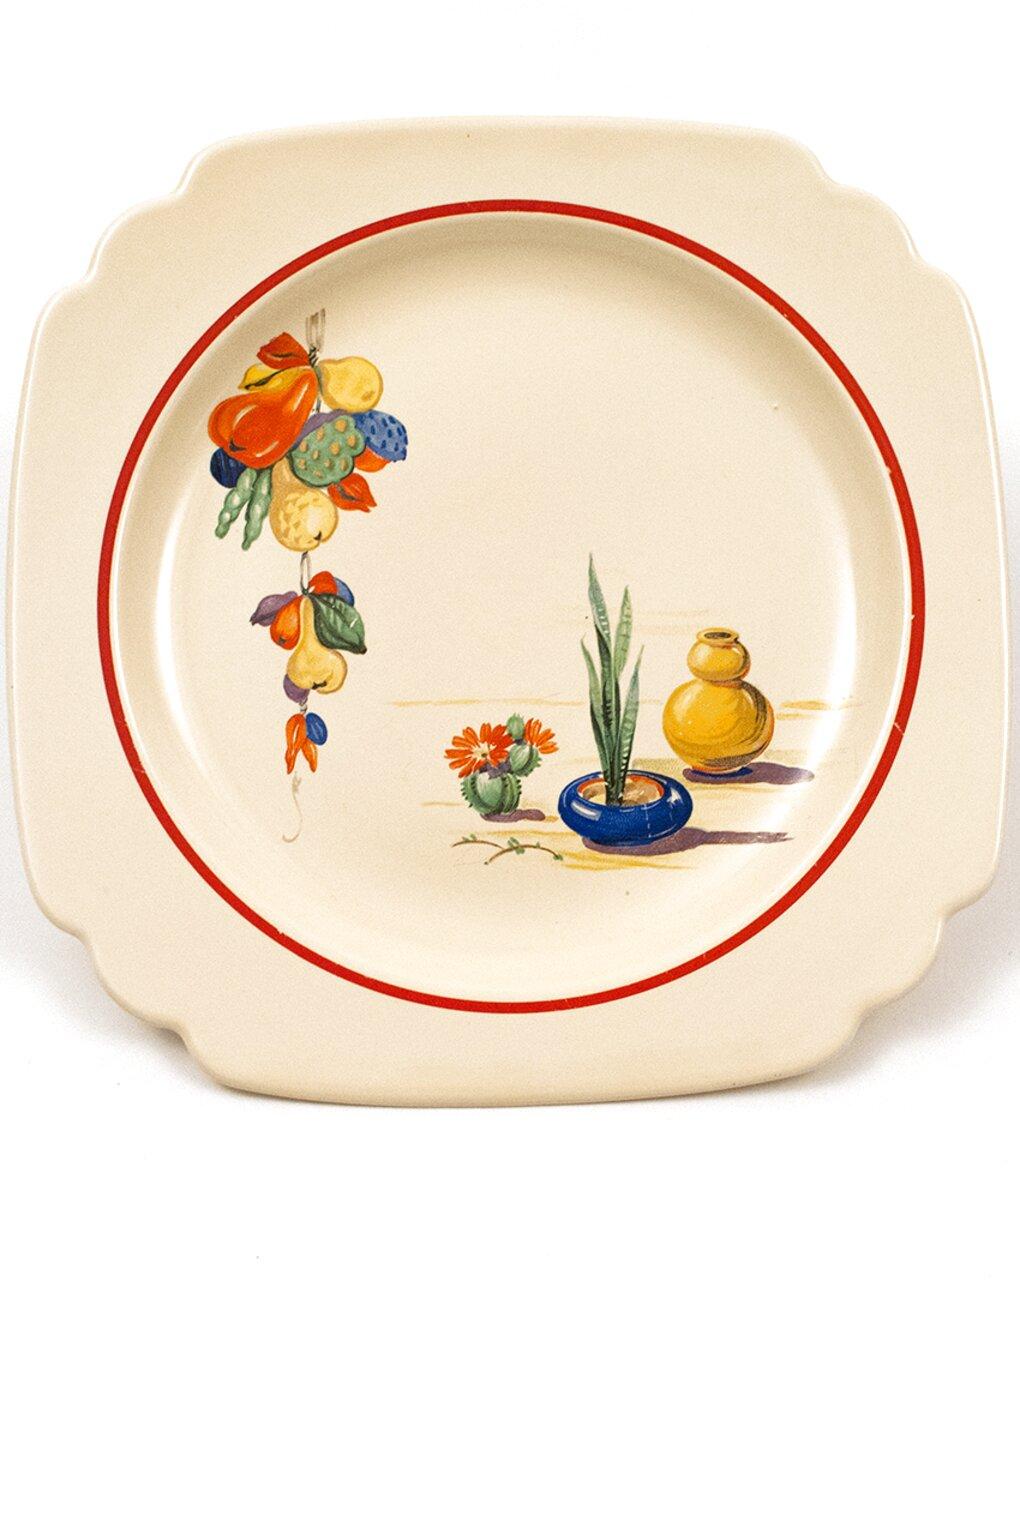 homer laughlin plate for sale